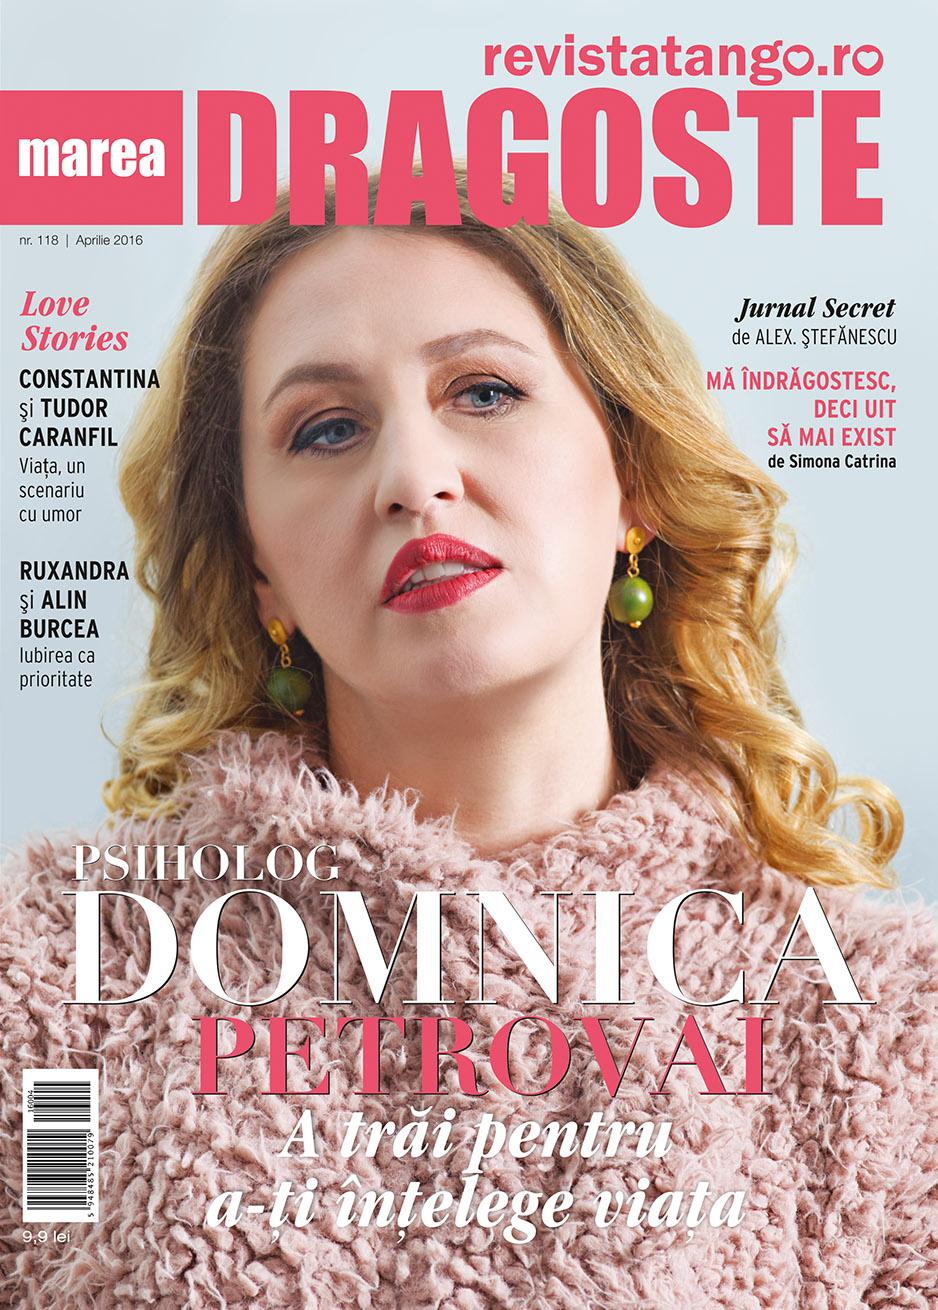 Domnica Petrovai pe coperta Marea Dragoste-revistatango.ro, nr. 118, aprilie 2016